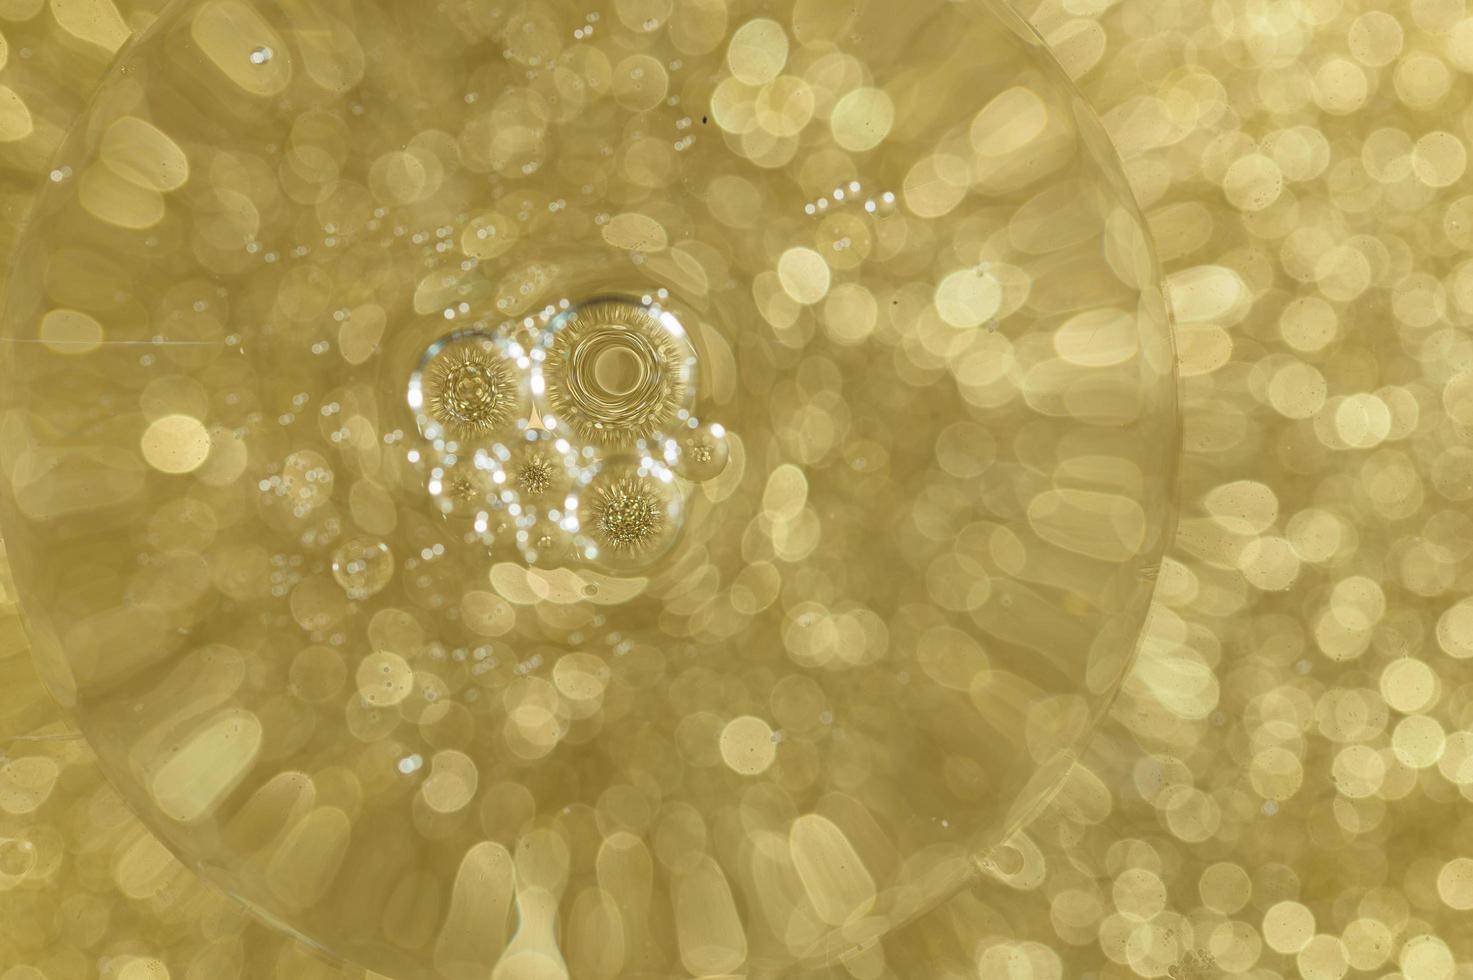 fondo abstracto bokeh luz foto